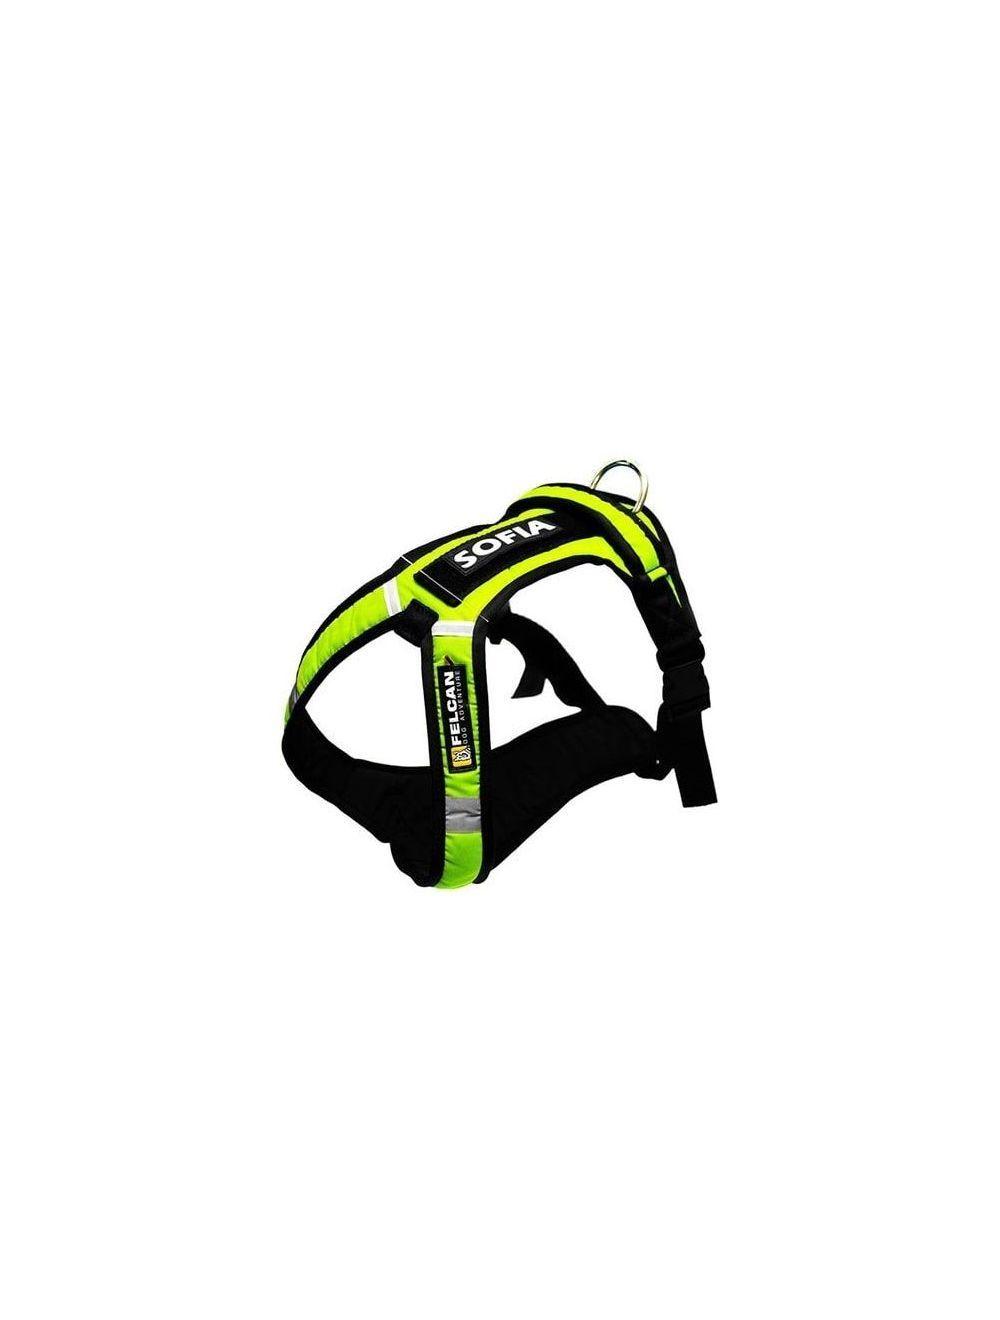 Arnes Dog Adventure Verde Neon Talla S